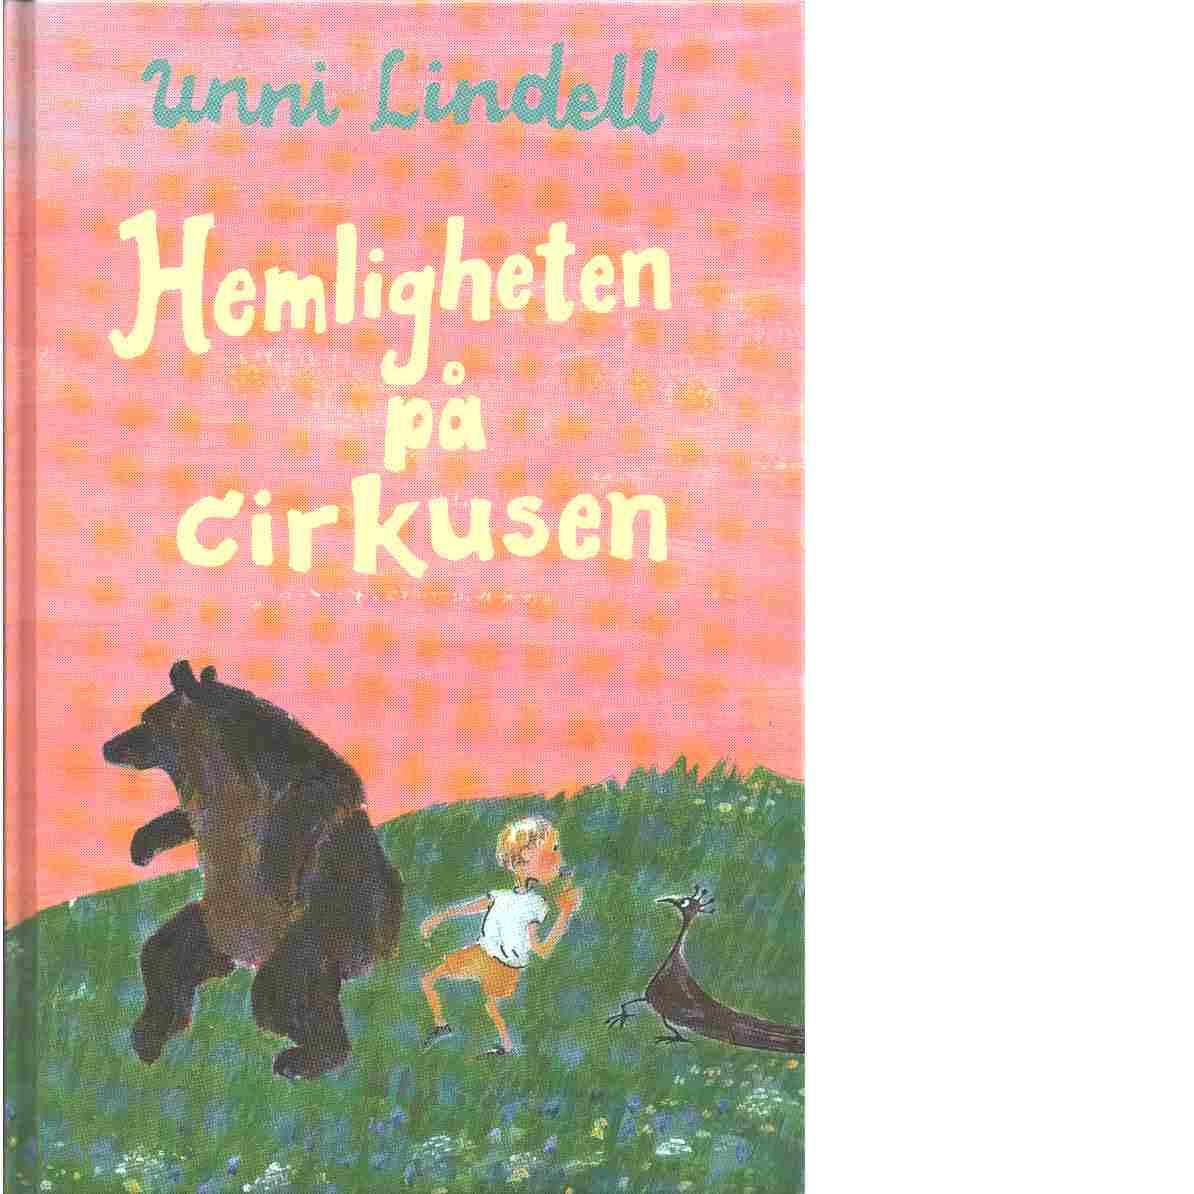 Hemligheten på cirkusen - Lindell, Unni